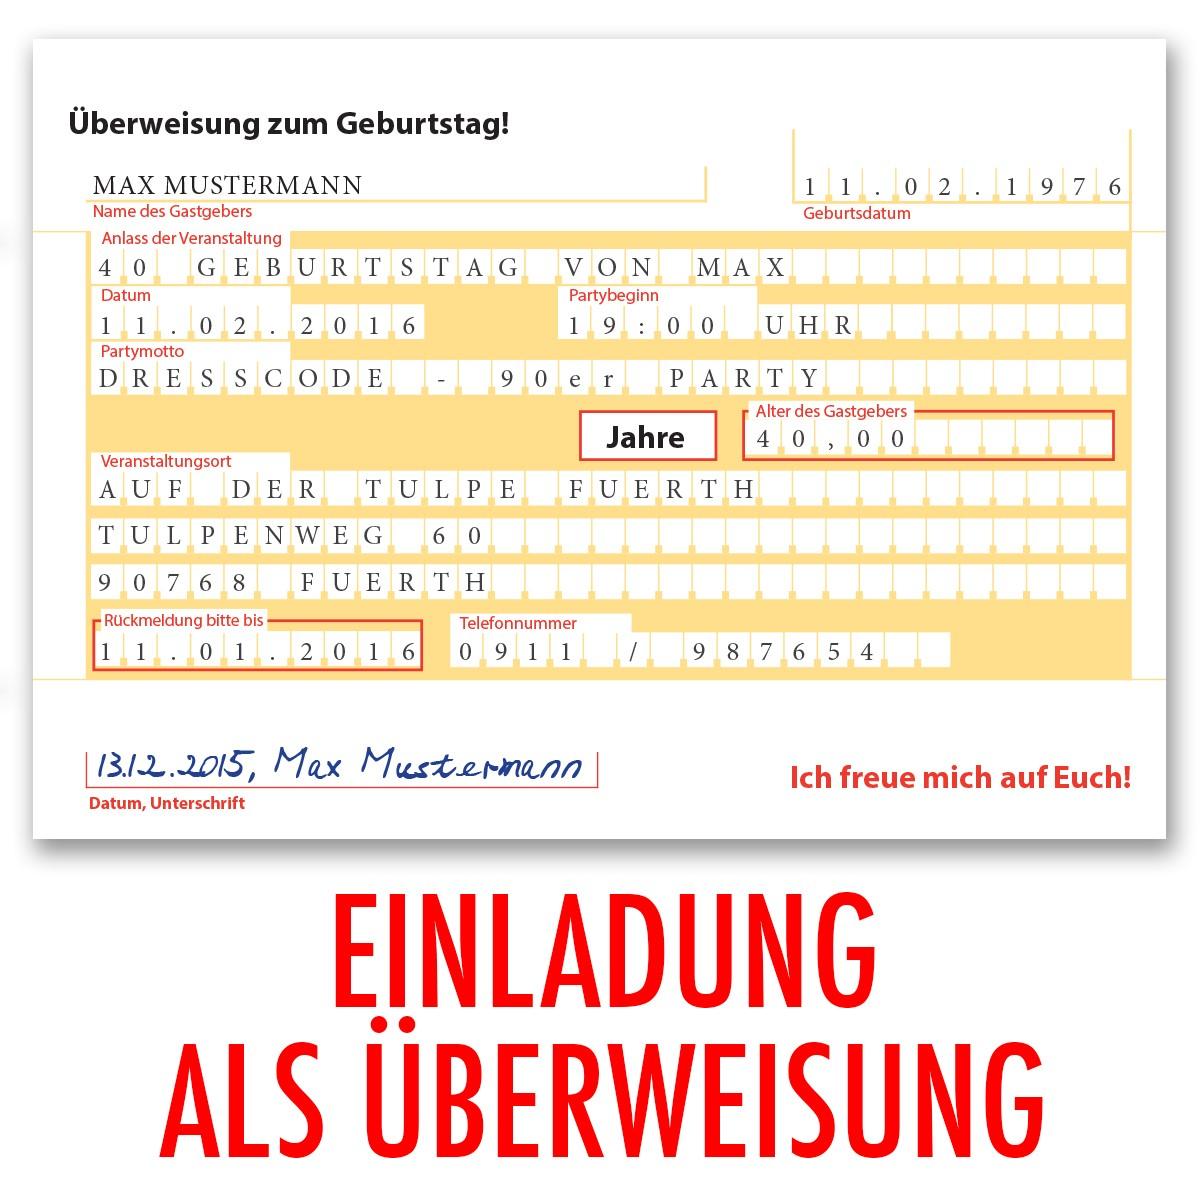 einladungskarten als berweisung - Uberweisung Muster